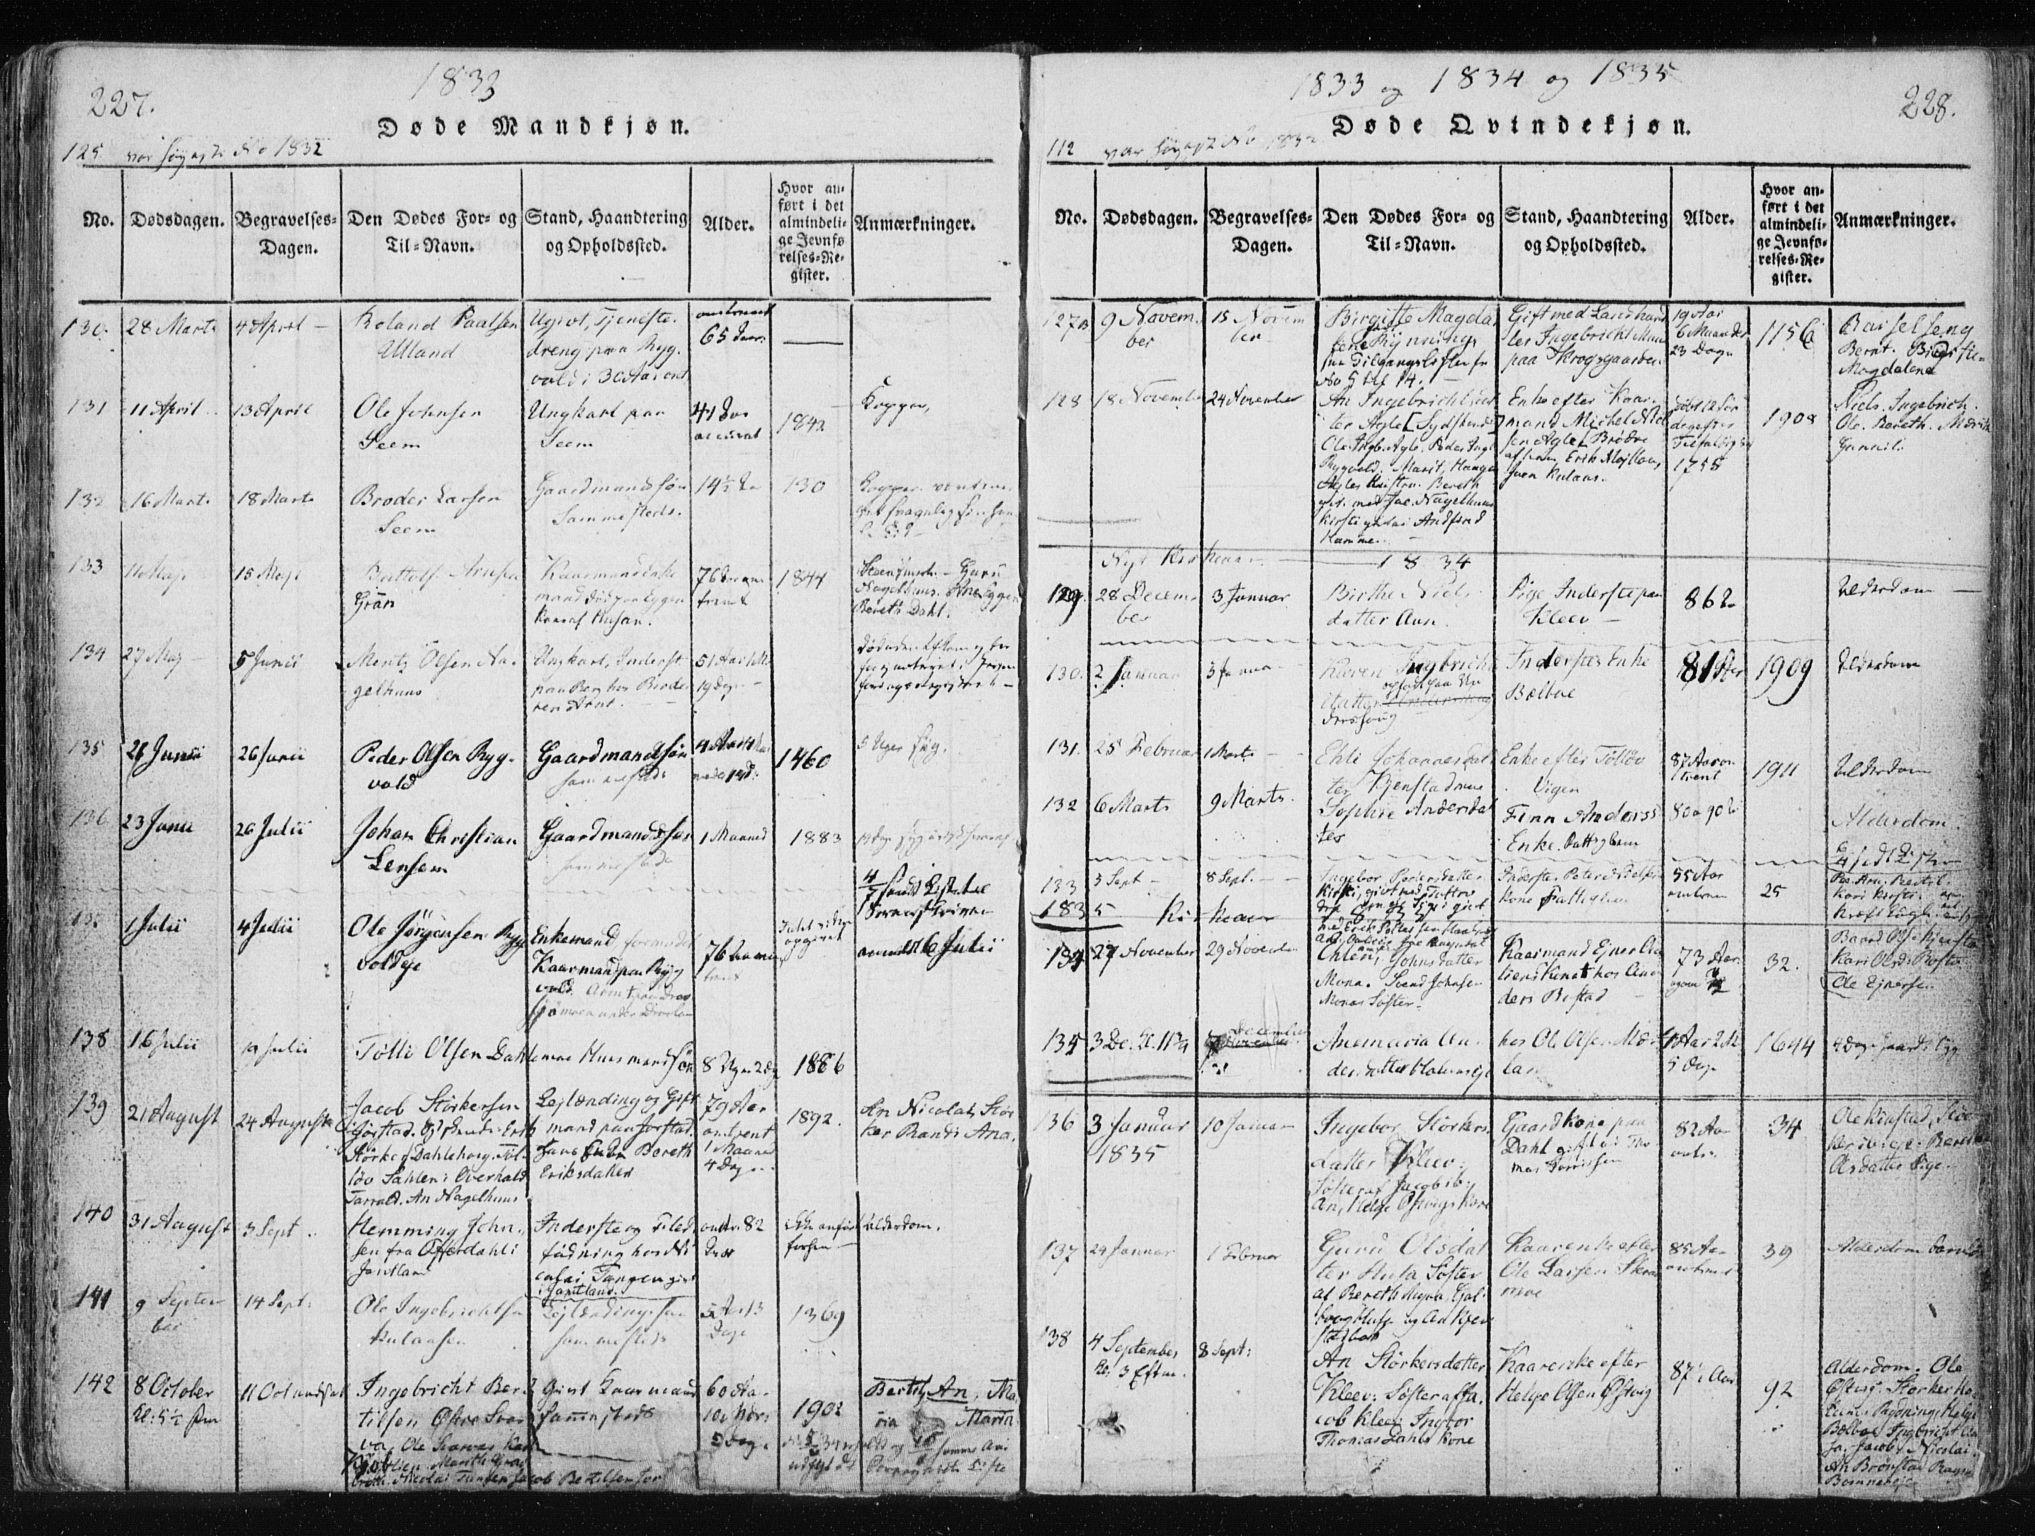 SAT, Ministerialprotokoller, klokkerbøker og fødselsregistre - Nord-Trøndelag, 749/L0469: Ministerialbok nr. 749A03, 1817-1857, s. 227-228